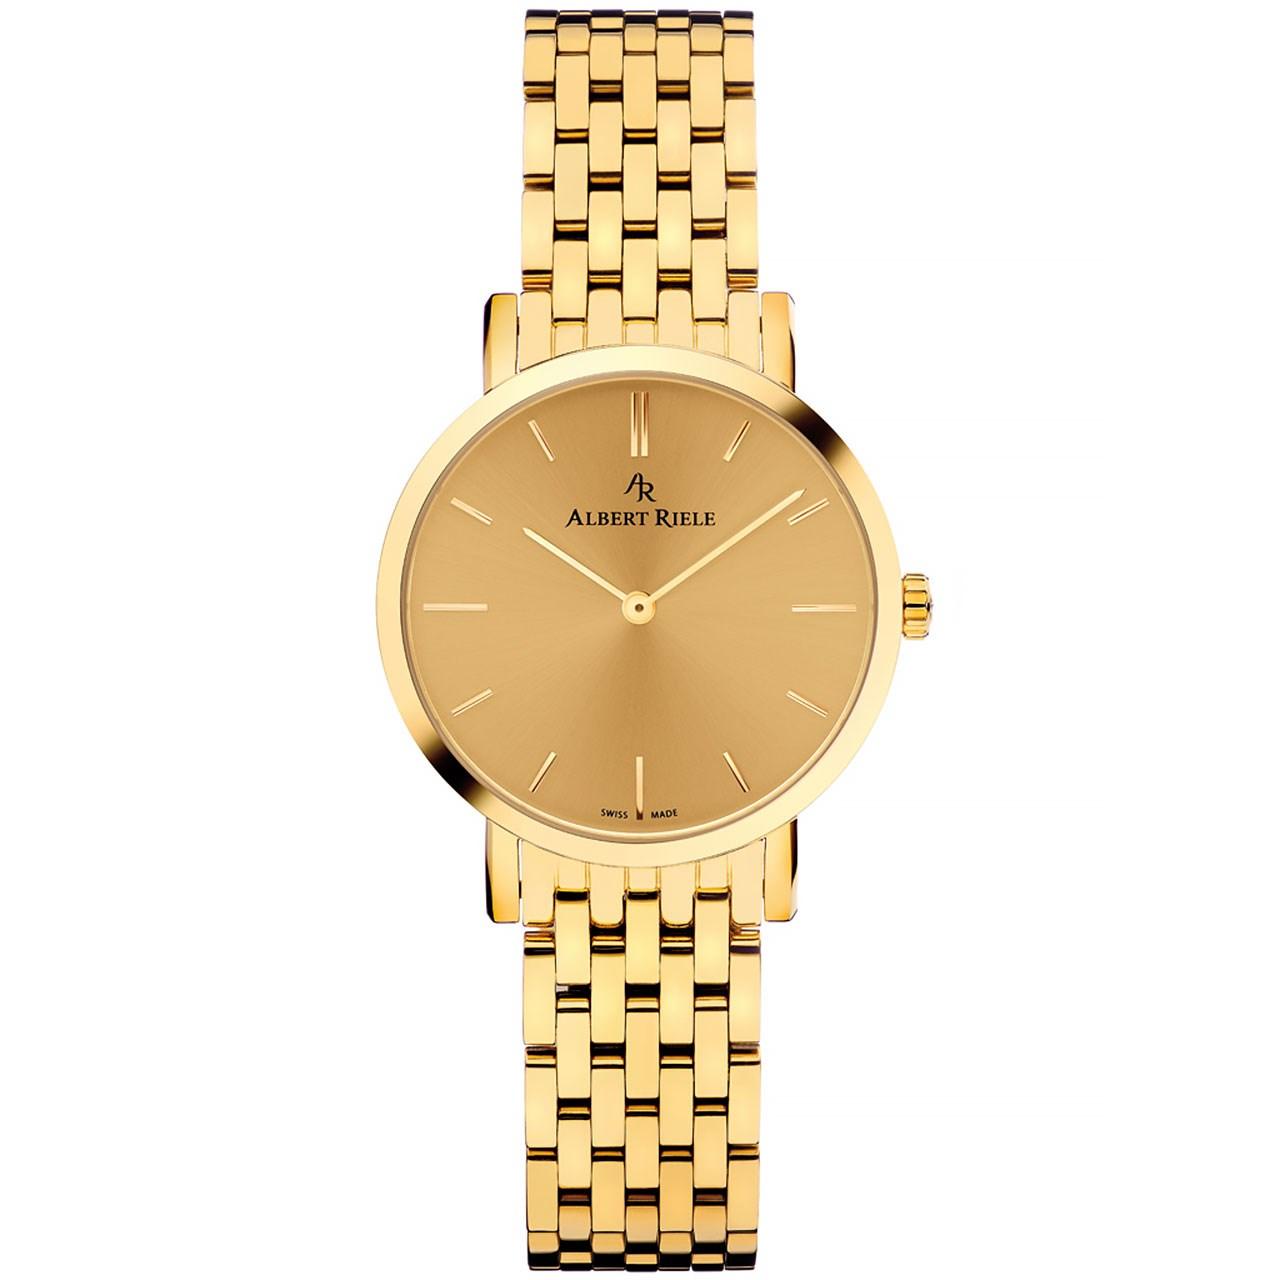 ساعت زنانه برند آلبرت ریله مدل 018LQ19-SY99I-SY